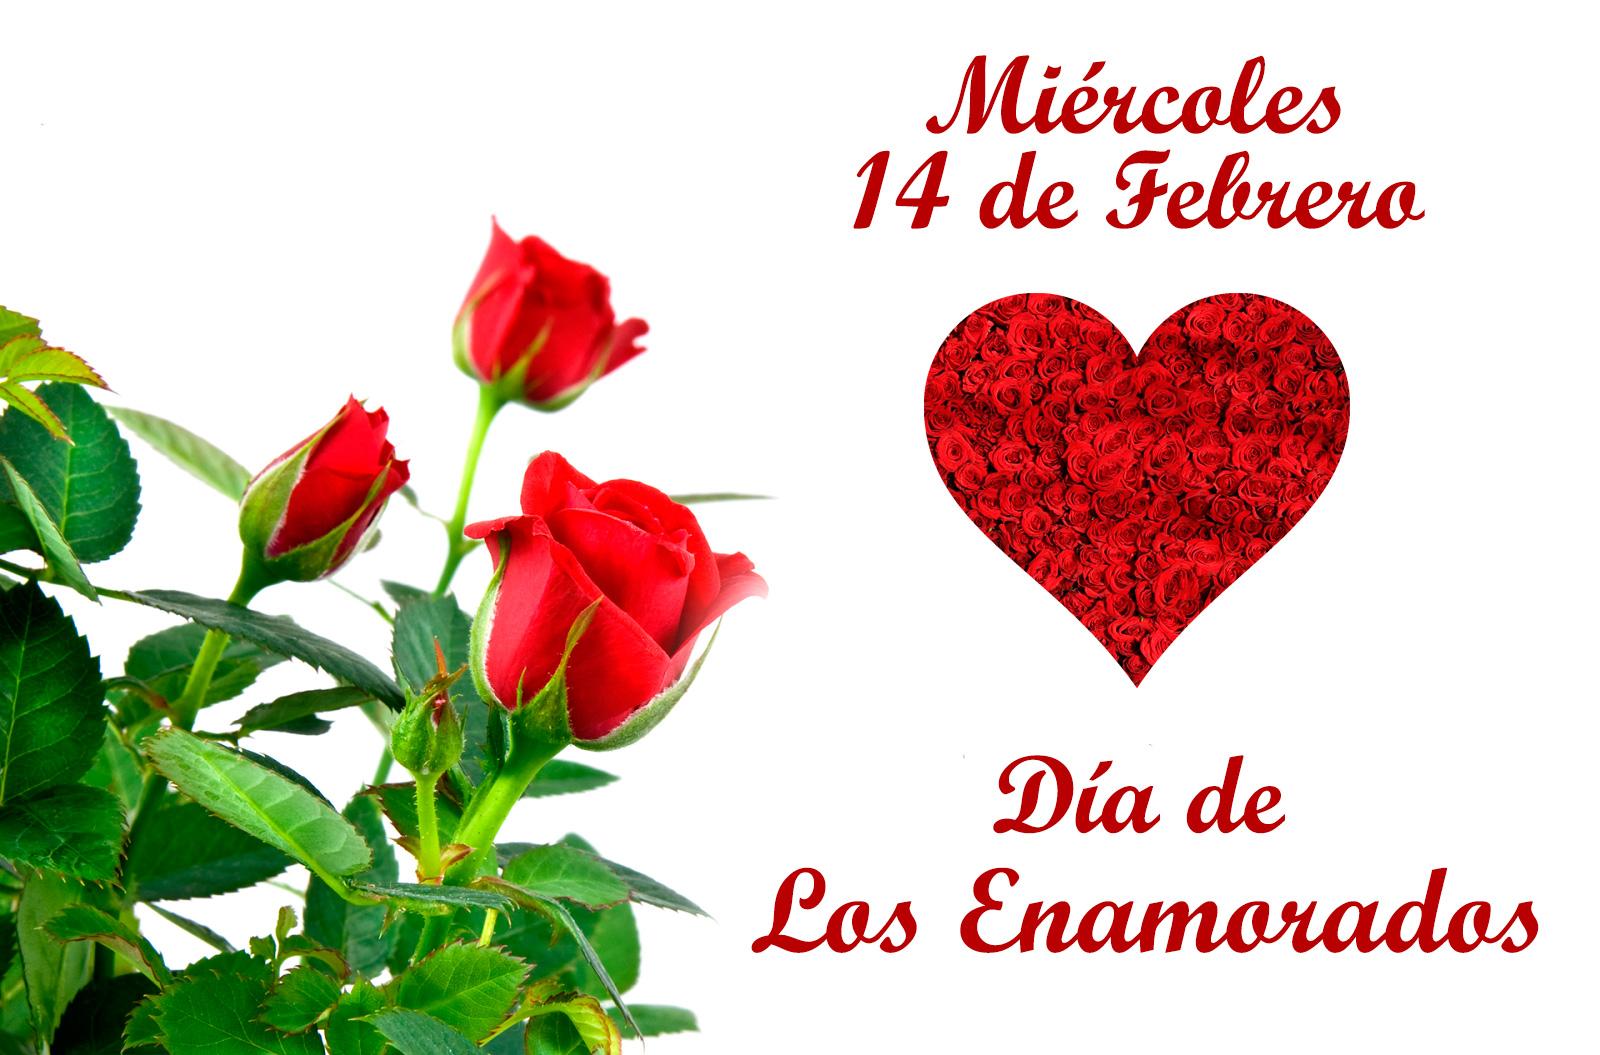 Flores Día de los Enamorados